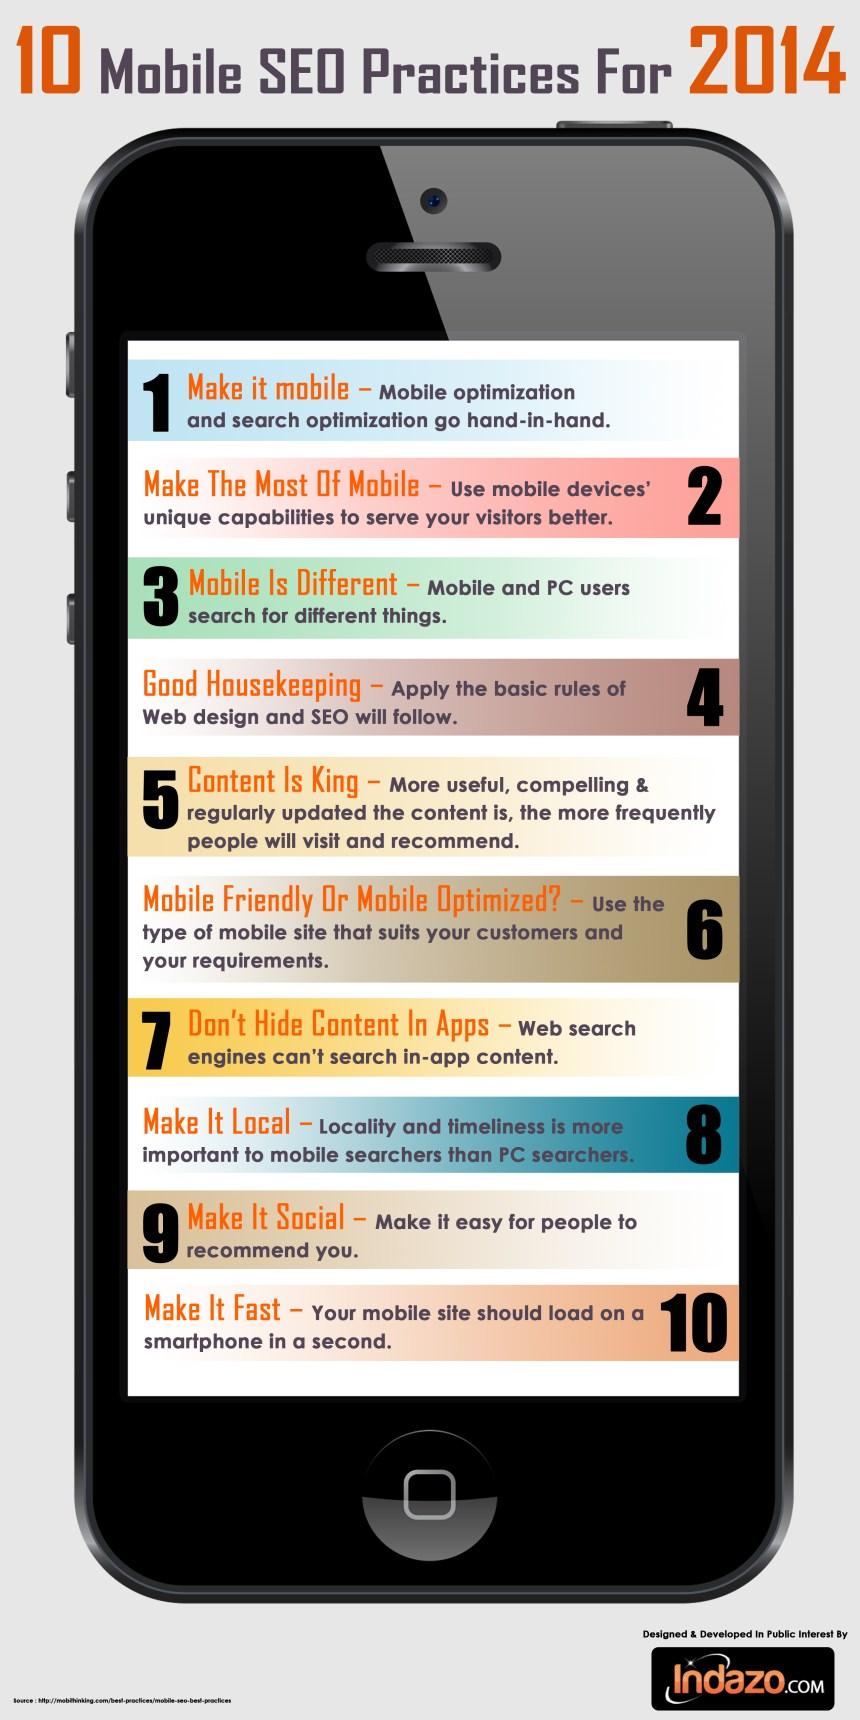 10 buenas prácticas de SEO móvil